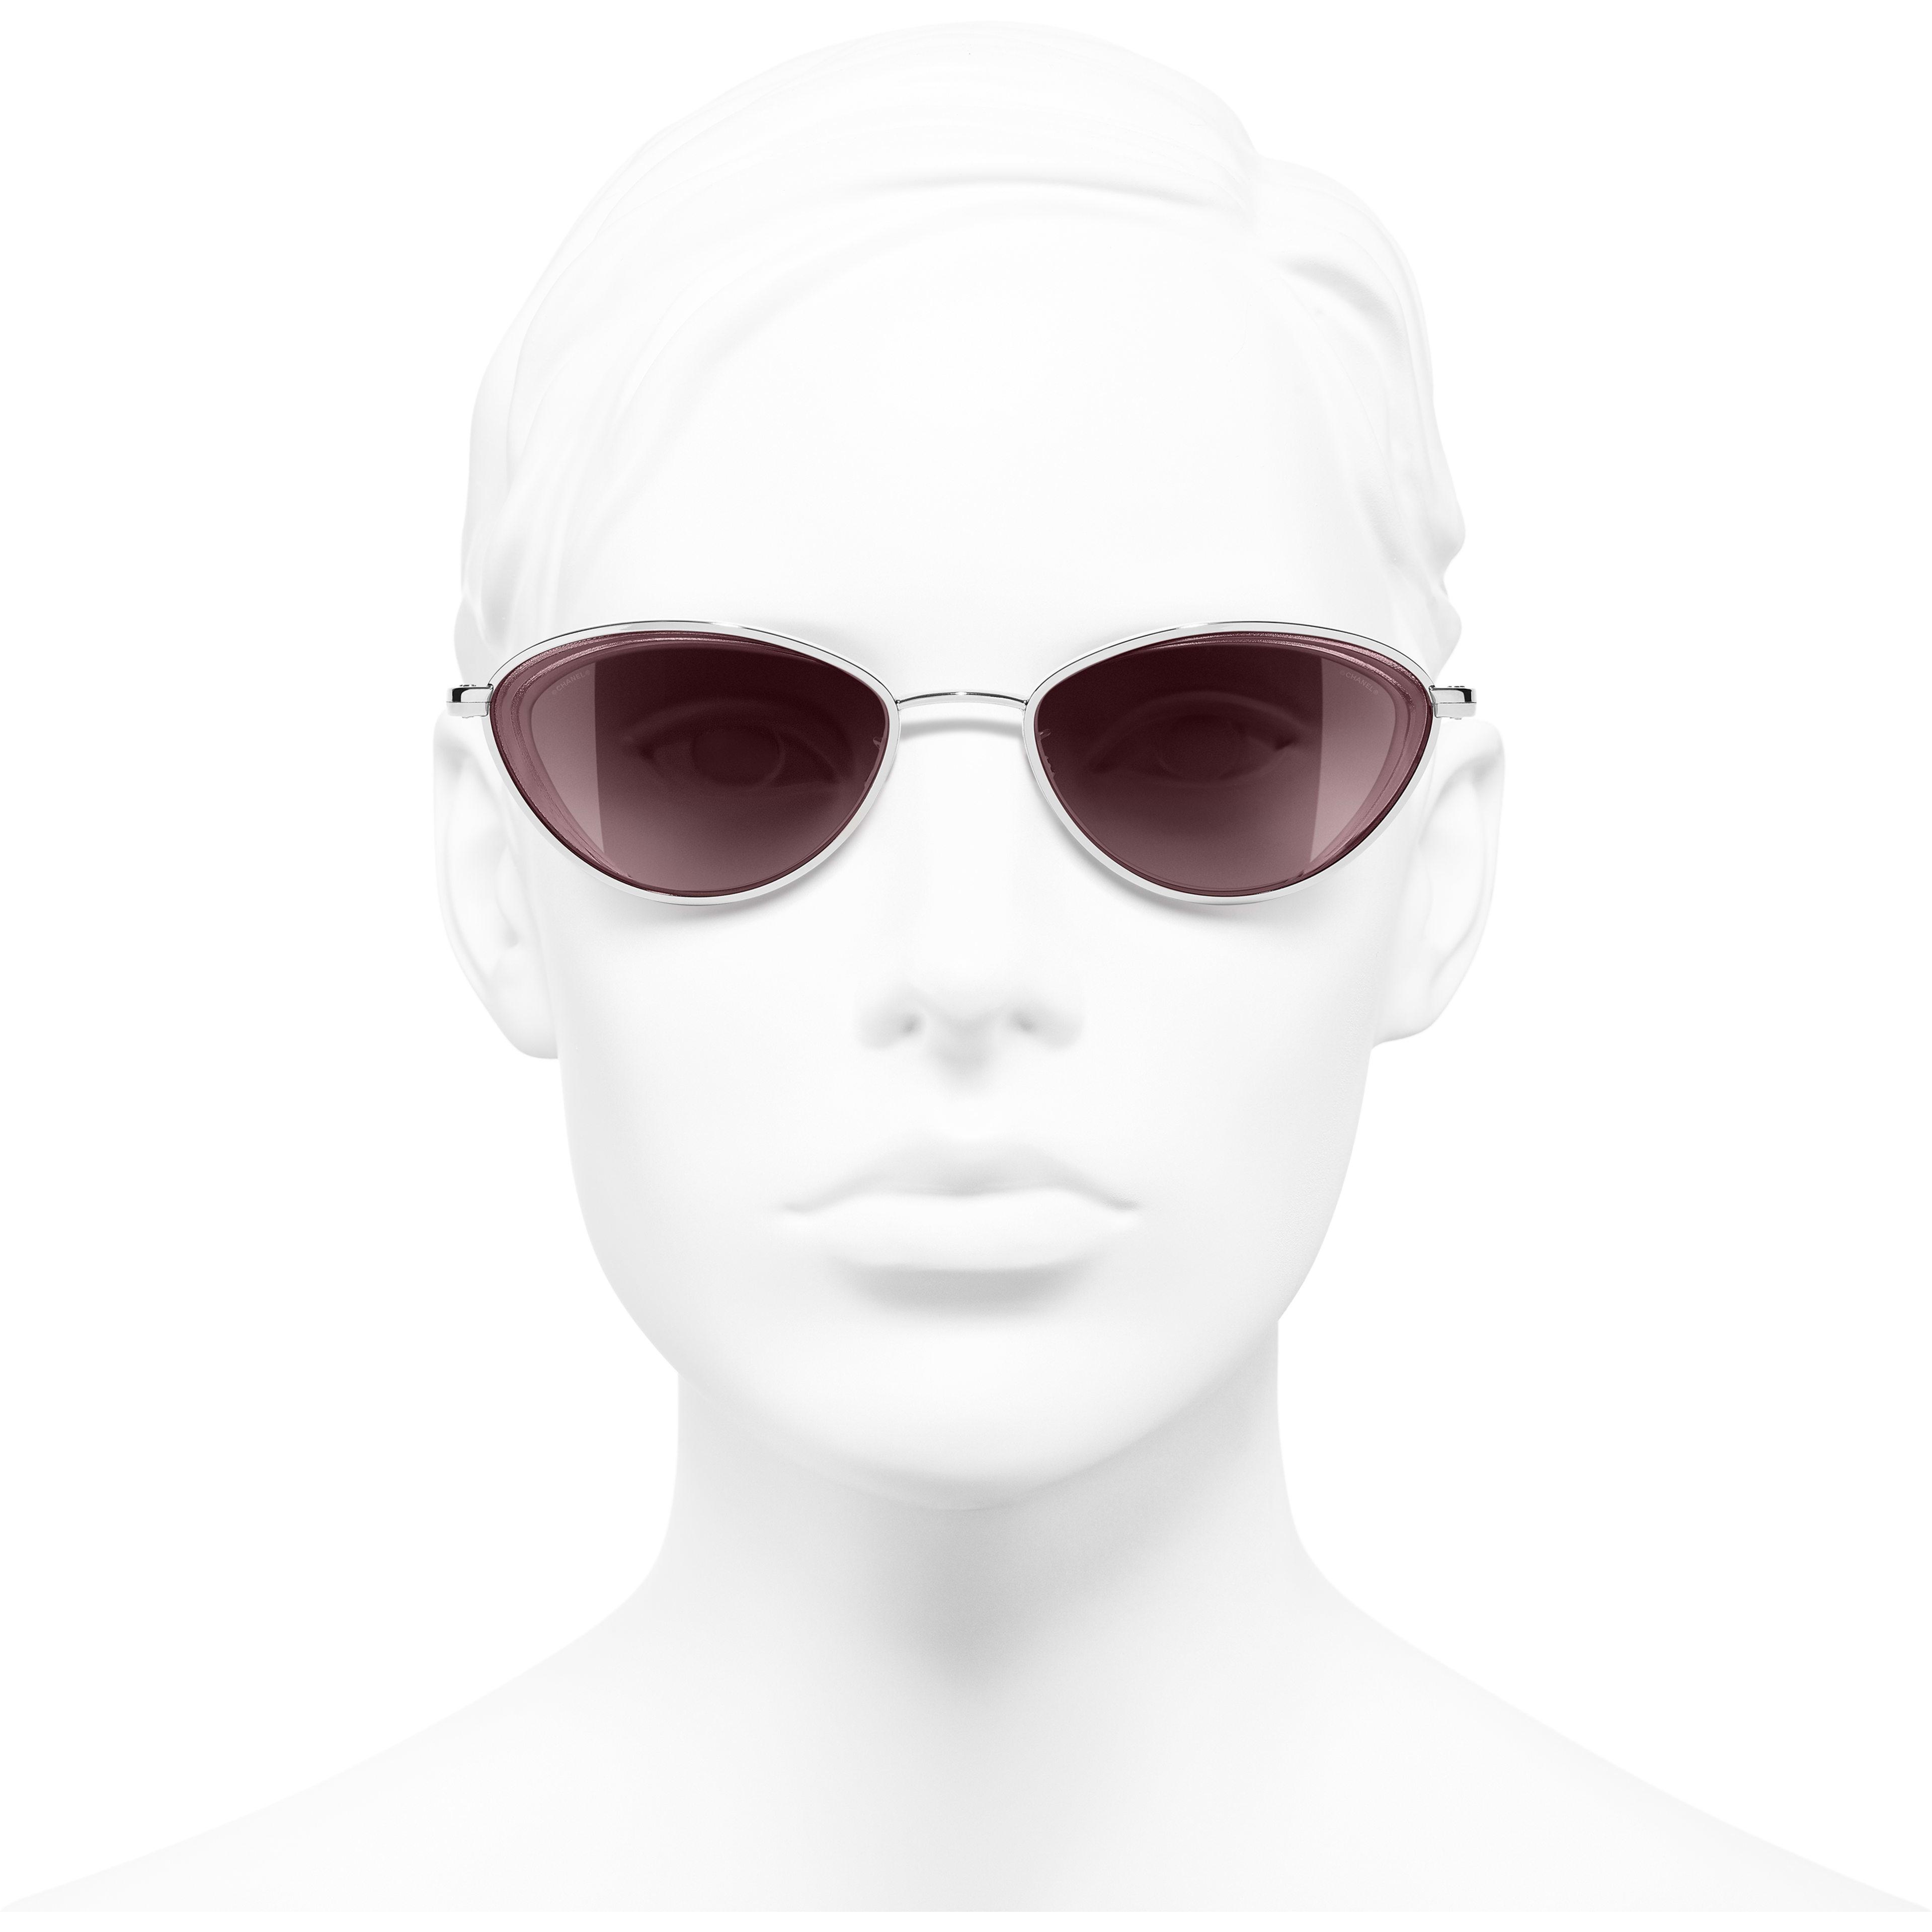 แว่นตากันแดดทรงแคทอายส์ - สีเงิน - โลหะ - มุมมองการสวมใส่ด้านหน้า - ดูเวอร์ชันขนาดมาตรฐาน